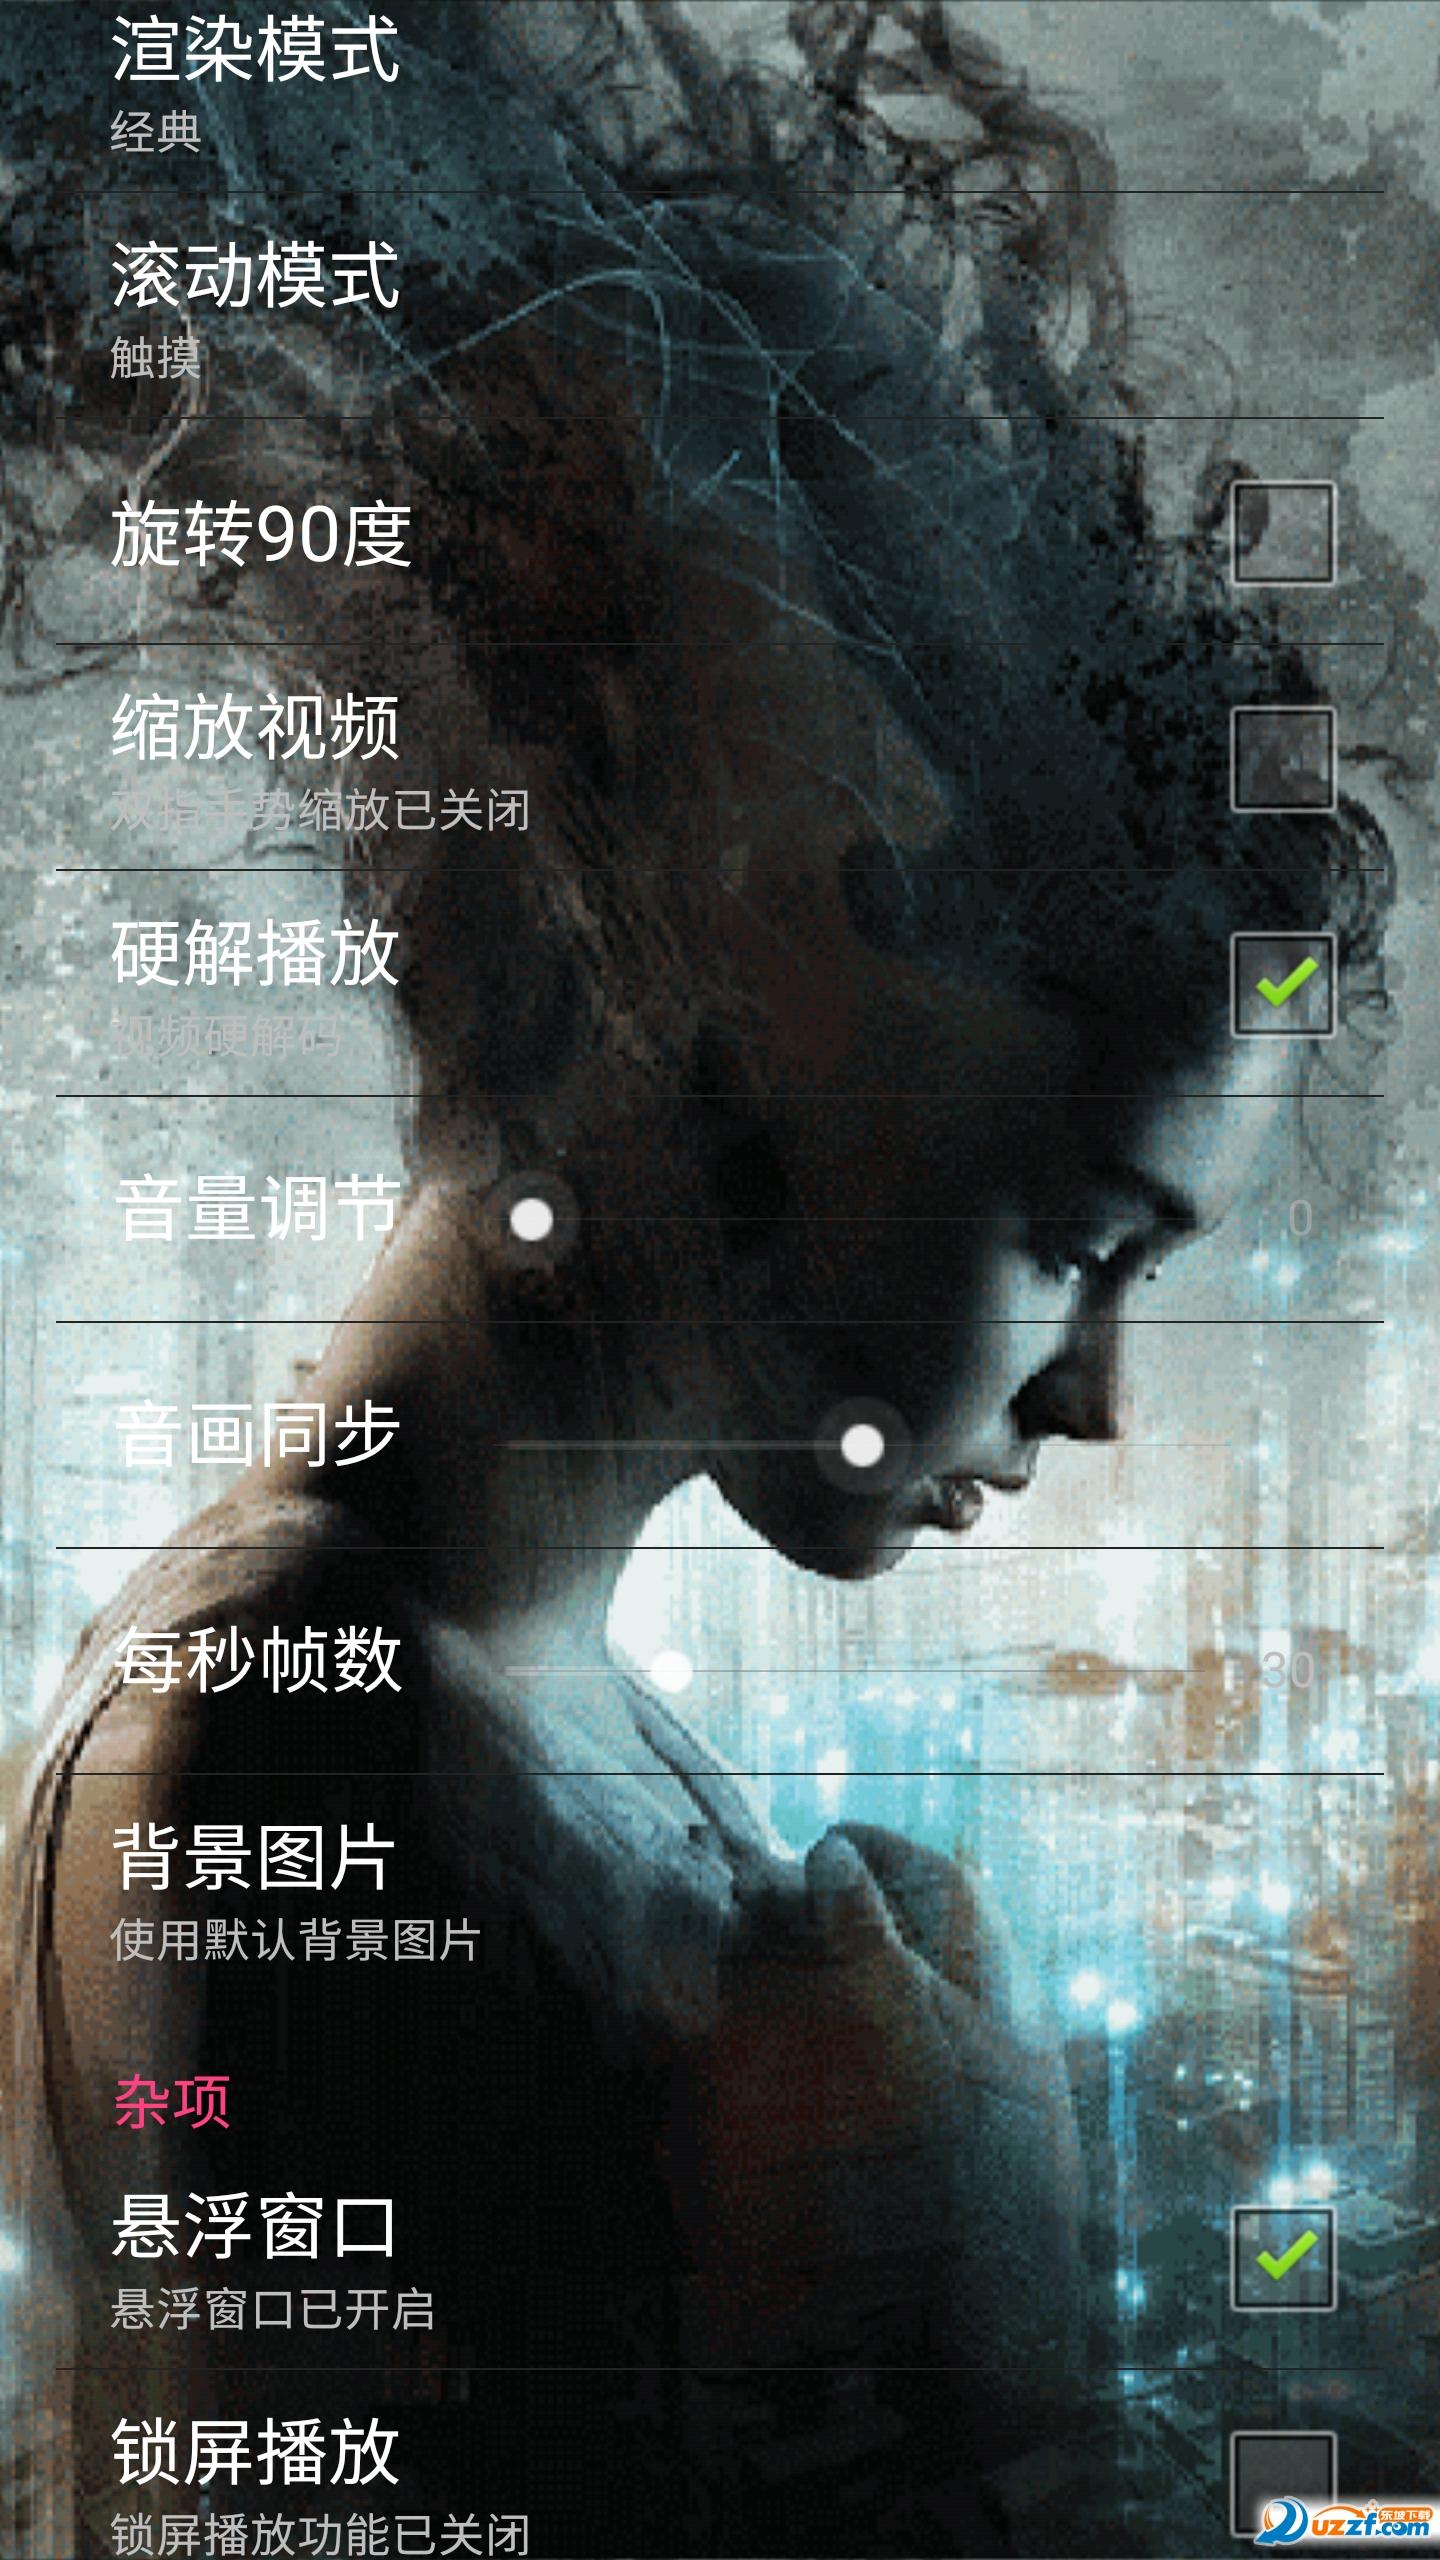 蓝天白云视频动态壁纸素材手机版